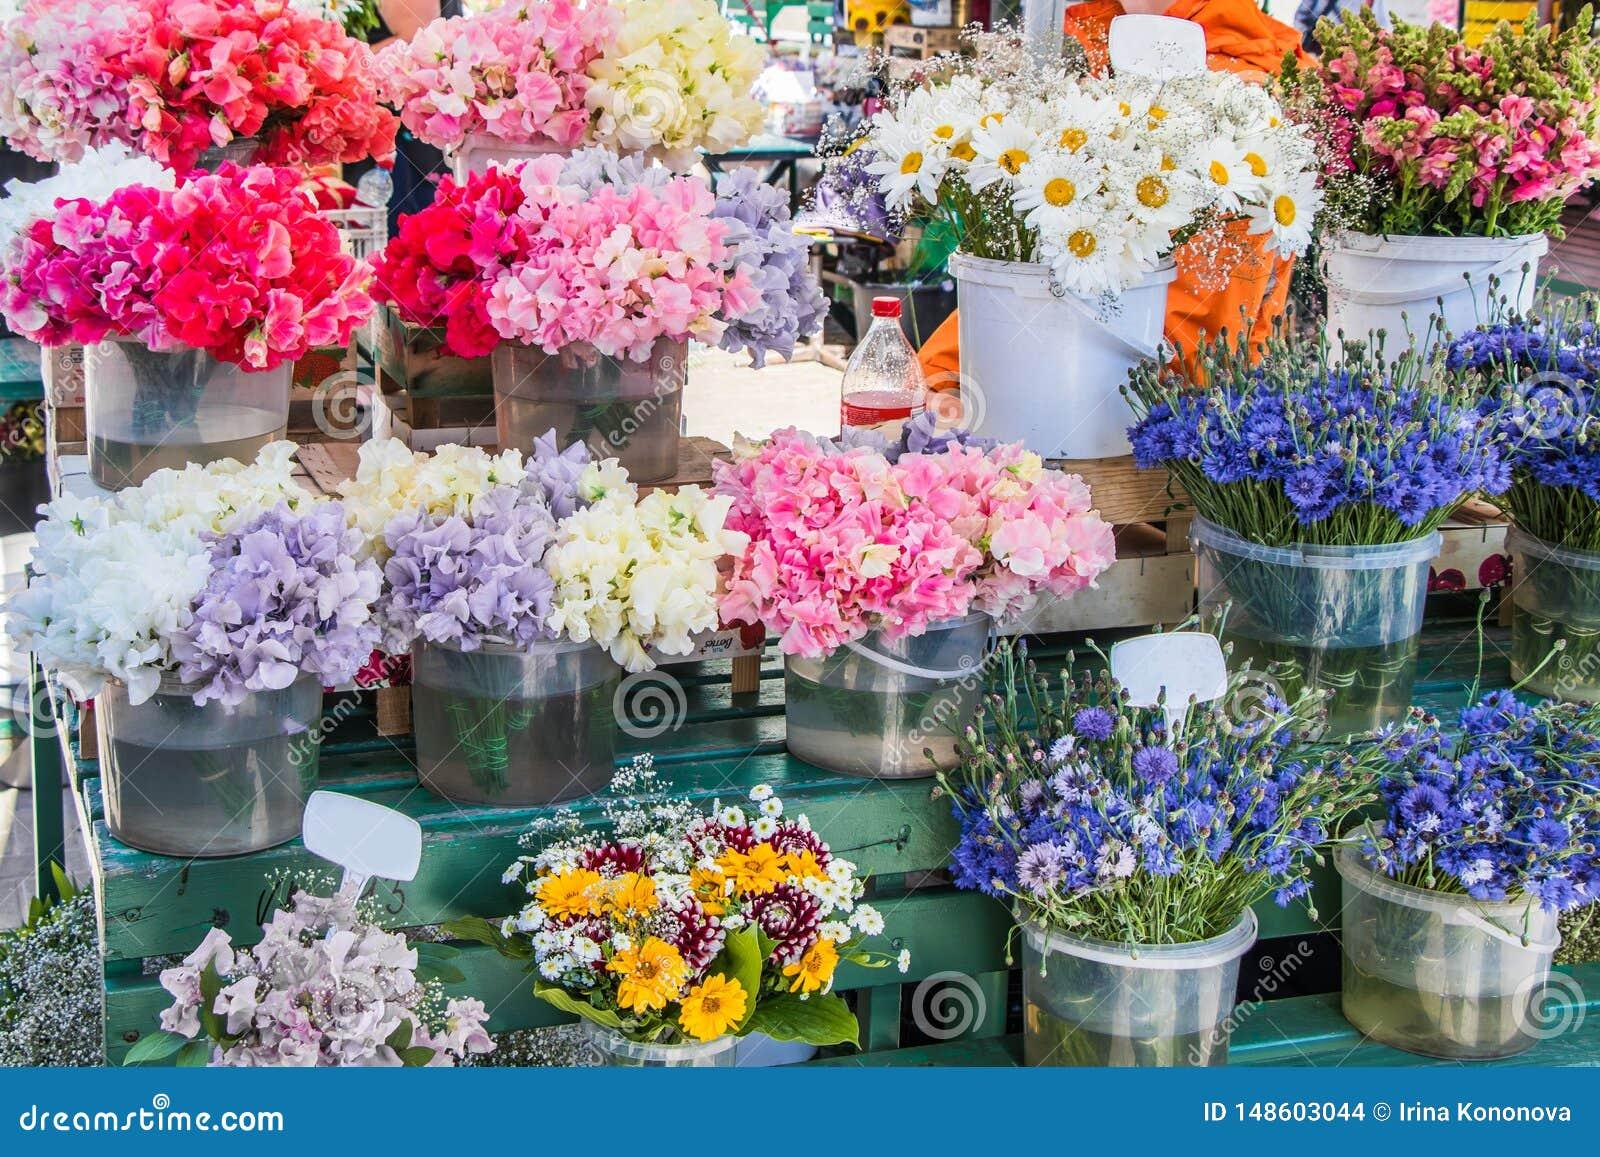 Guisantes de olor, manzanilla, aciano y otras flores